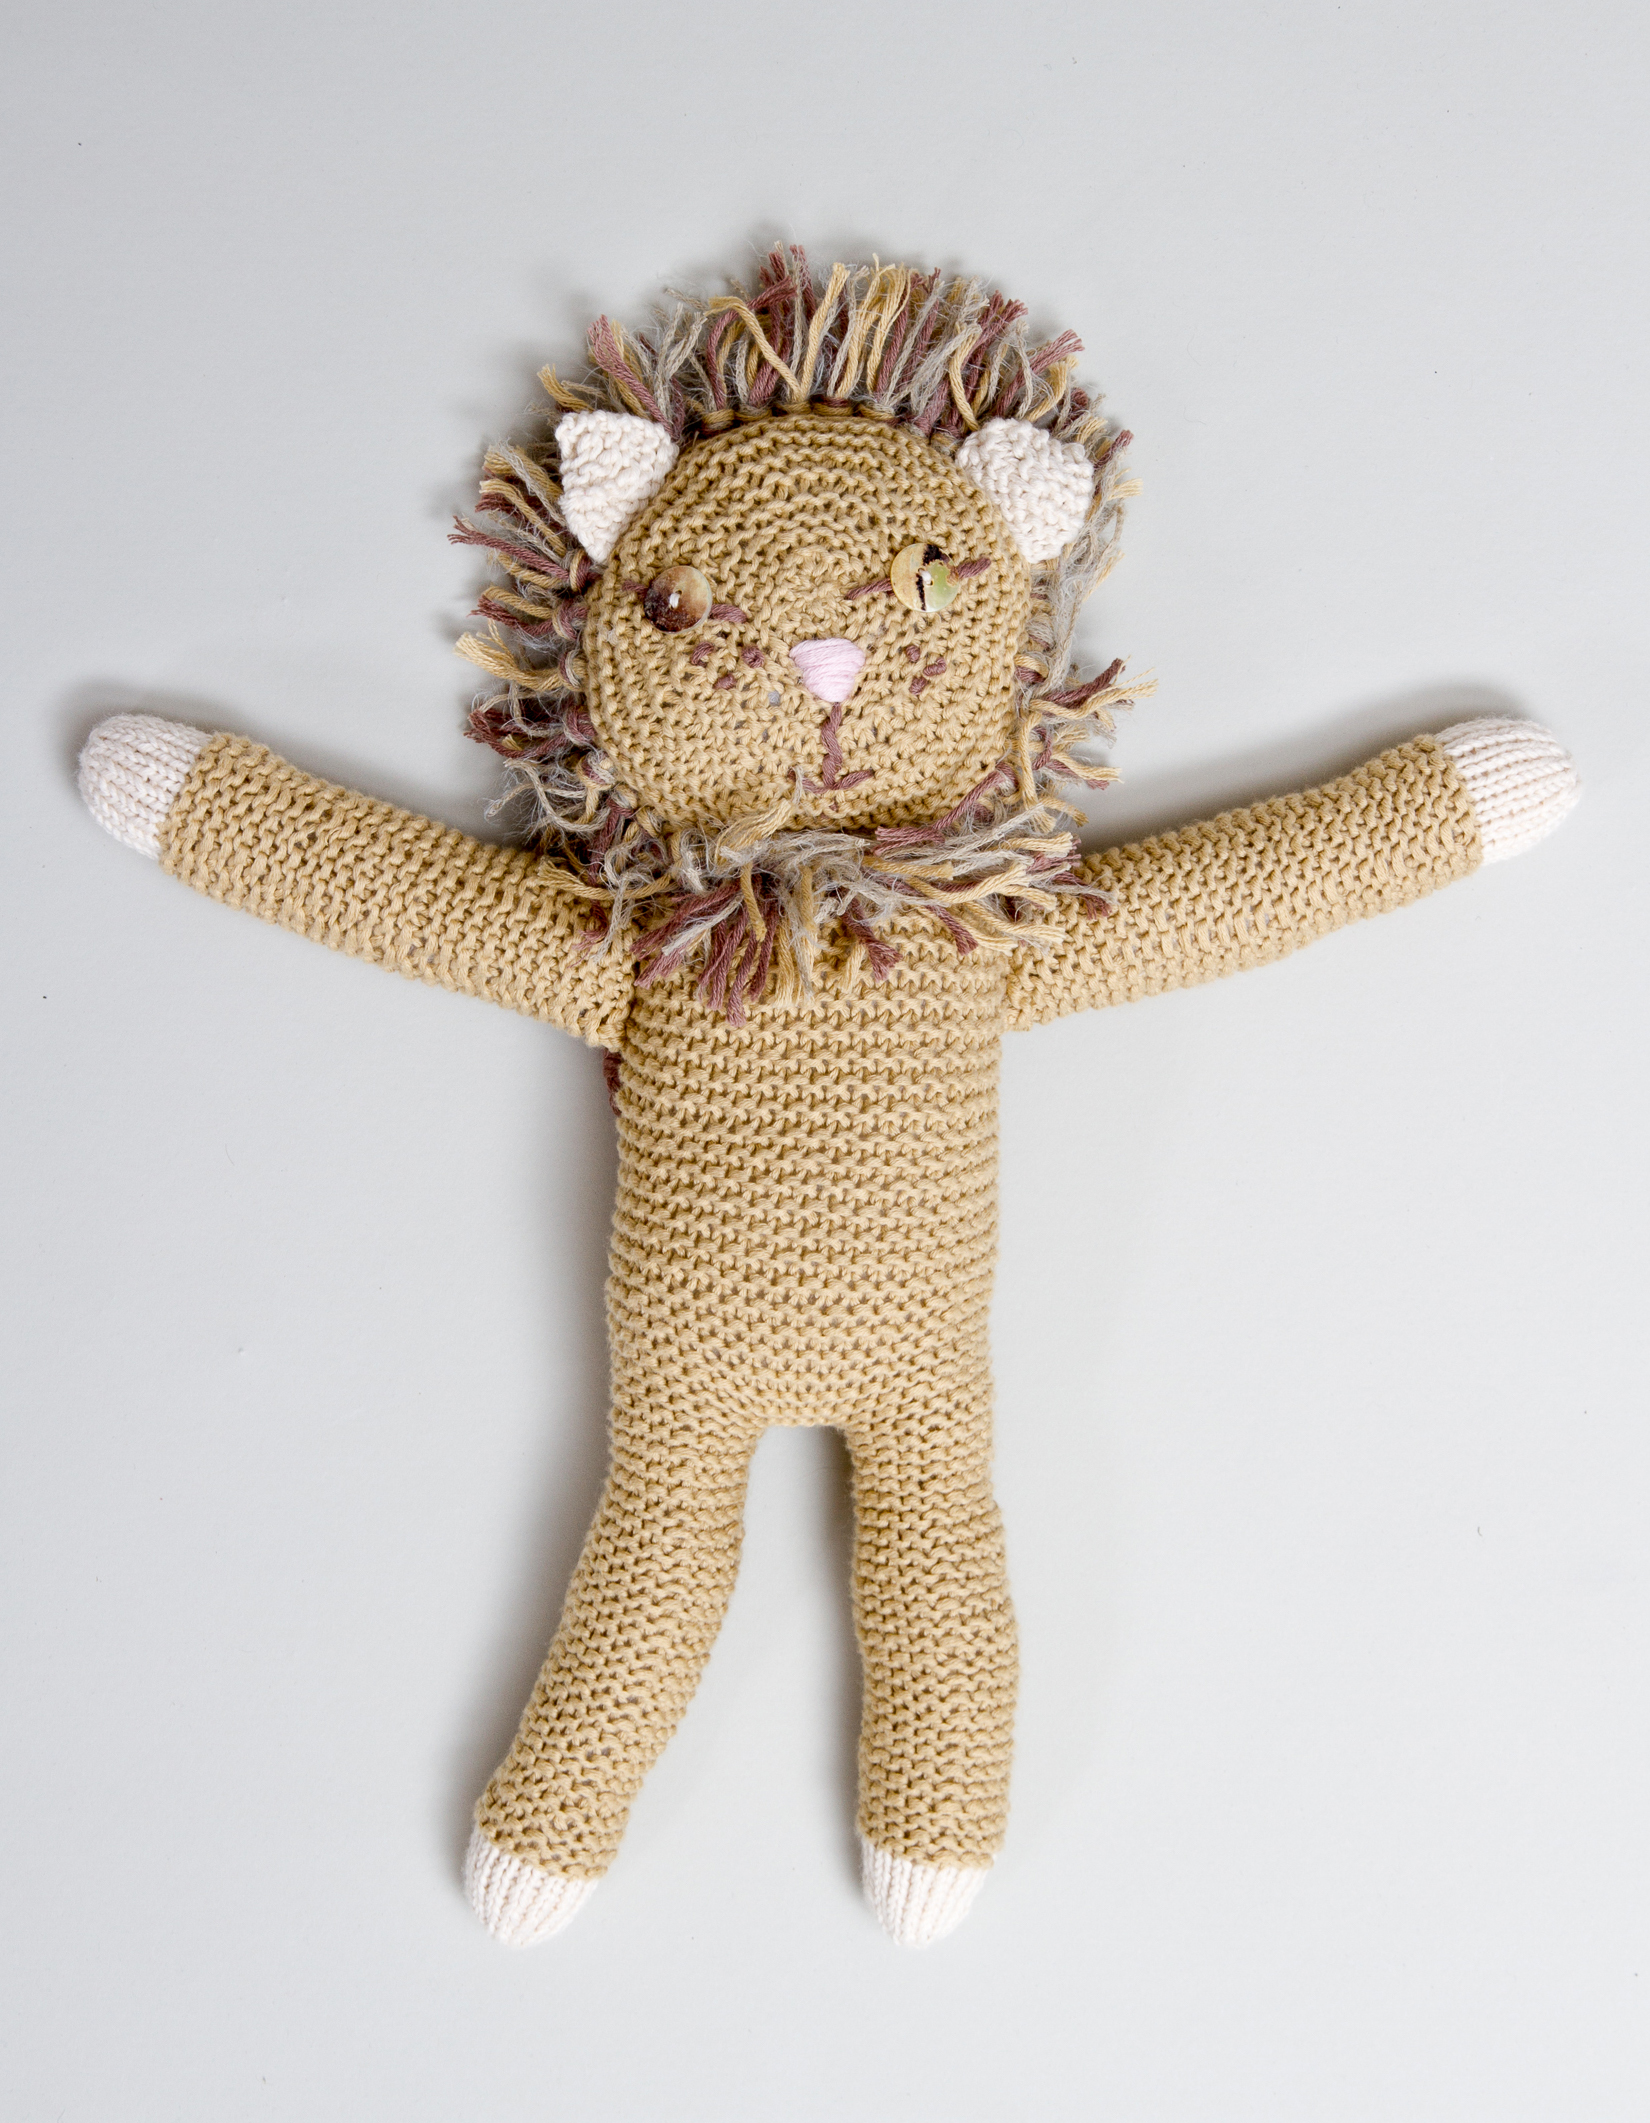 Selber machen: Gestrickter Löwe | Berlin mit Kind